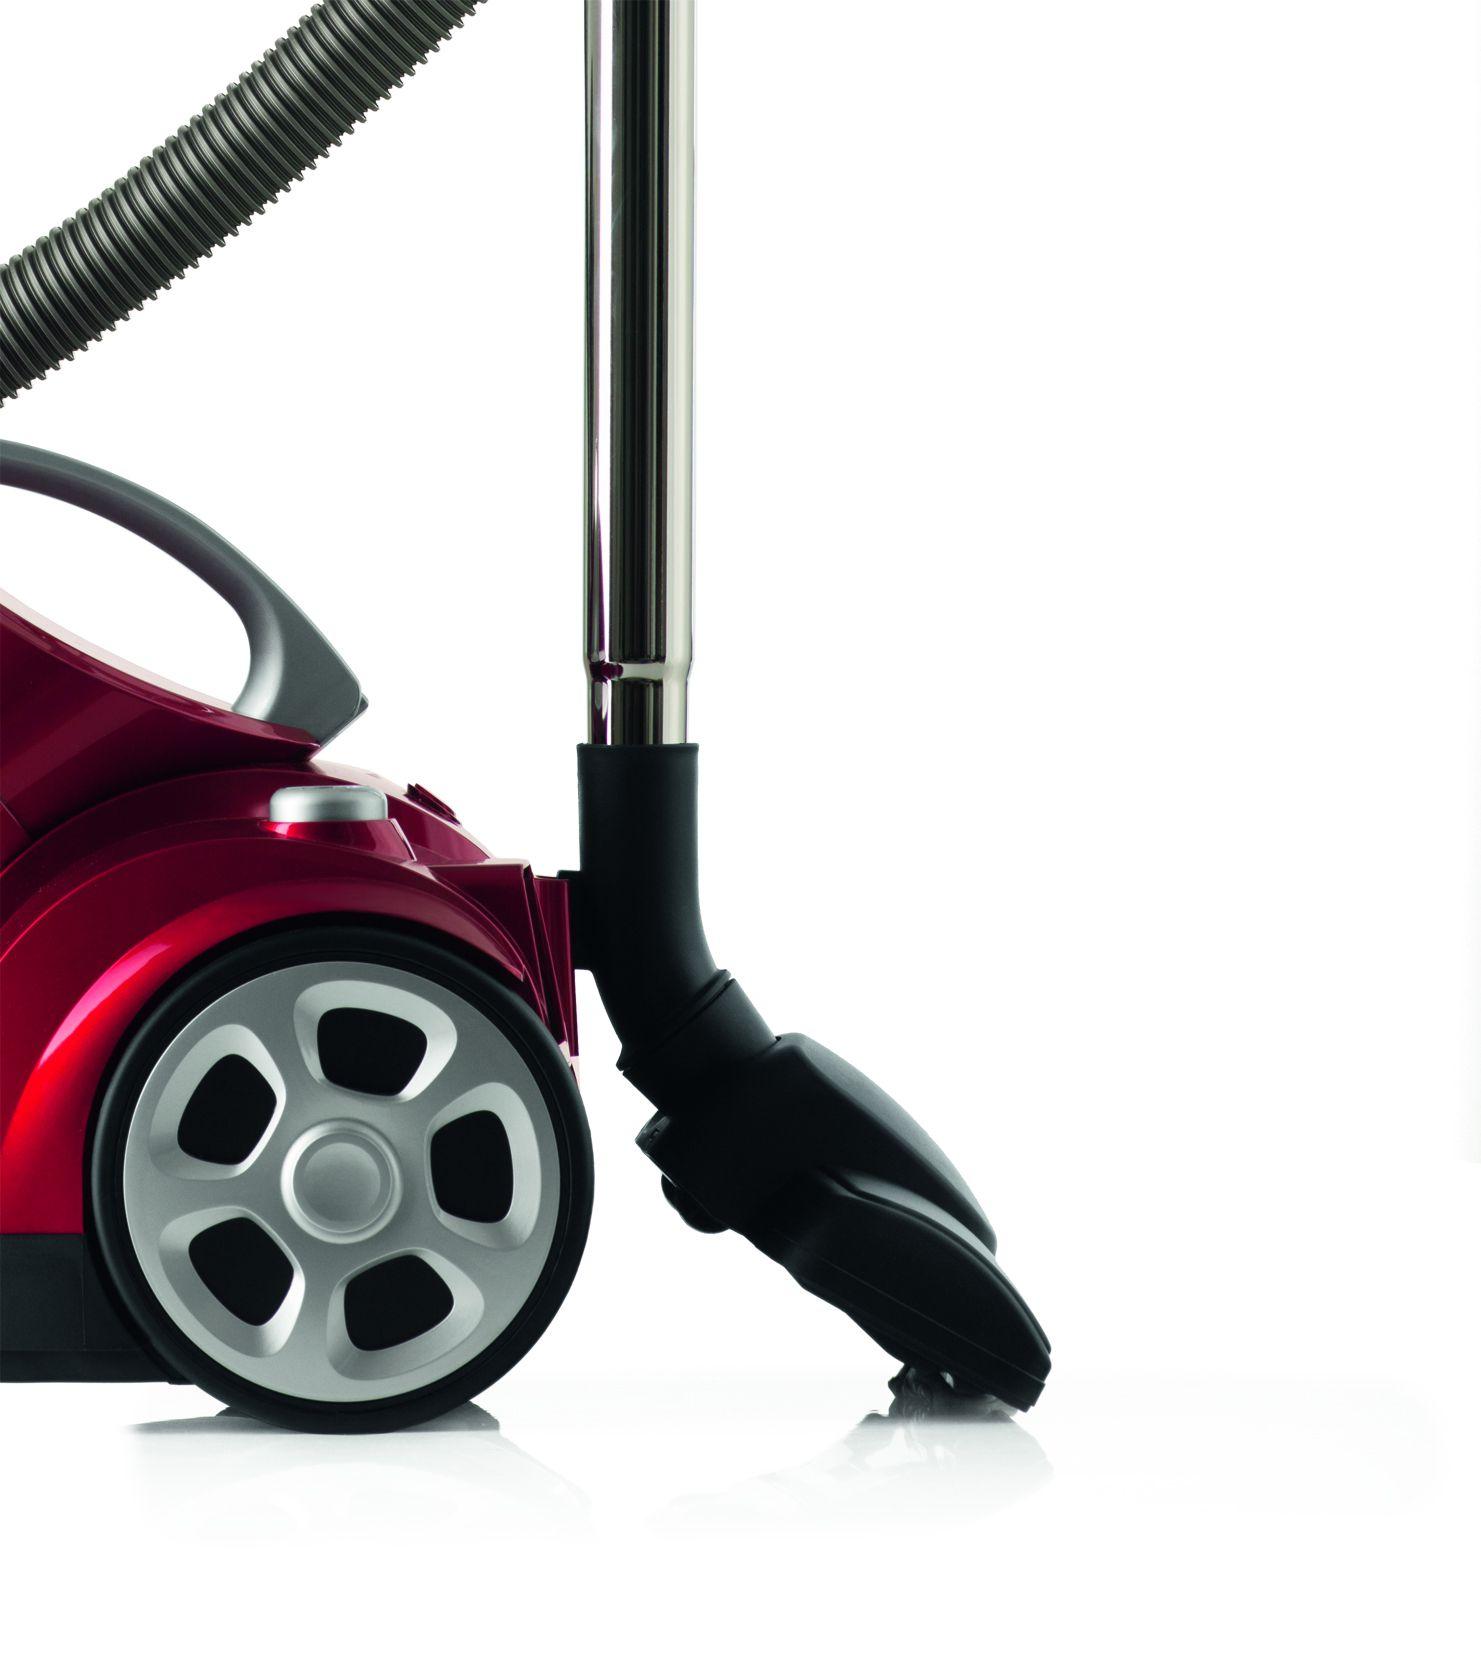 aspirateur sans sac dirt devil m2993 1 achat vente aspirateur traineau cdiscount. Black Bedroom Furniture Sets. Home Design Ideas